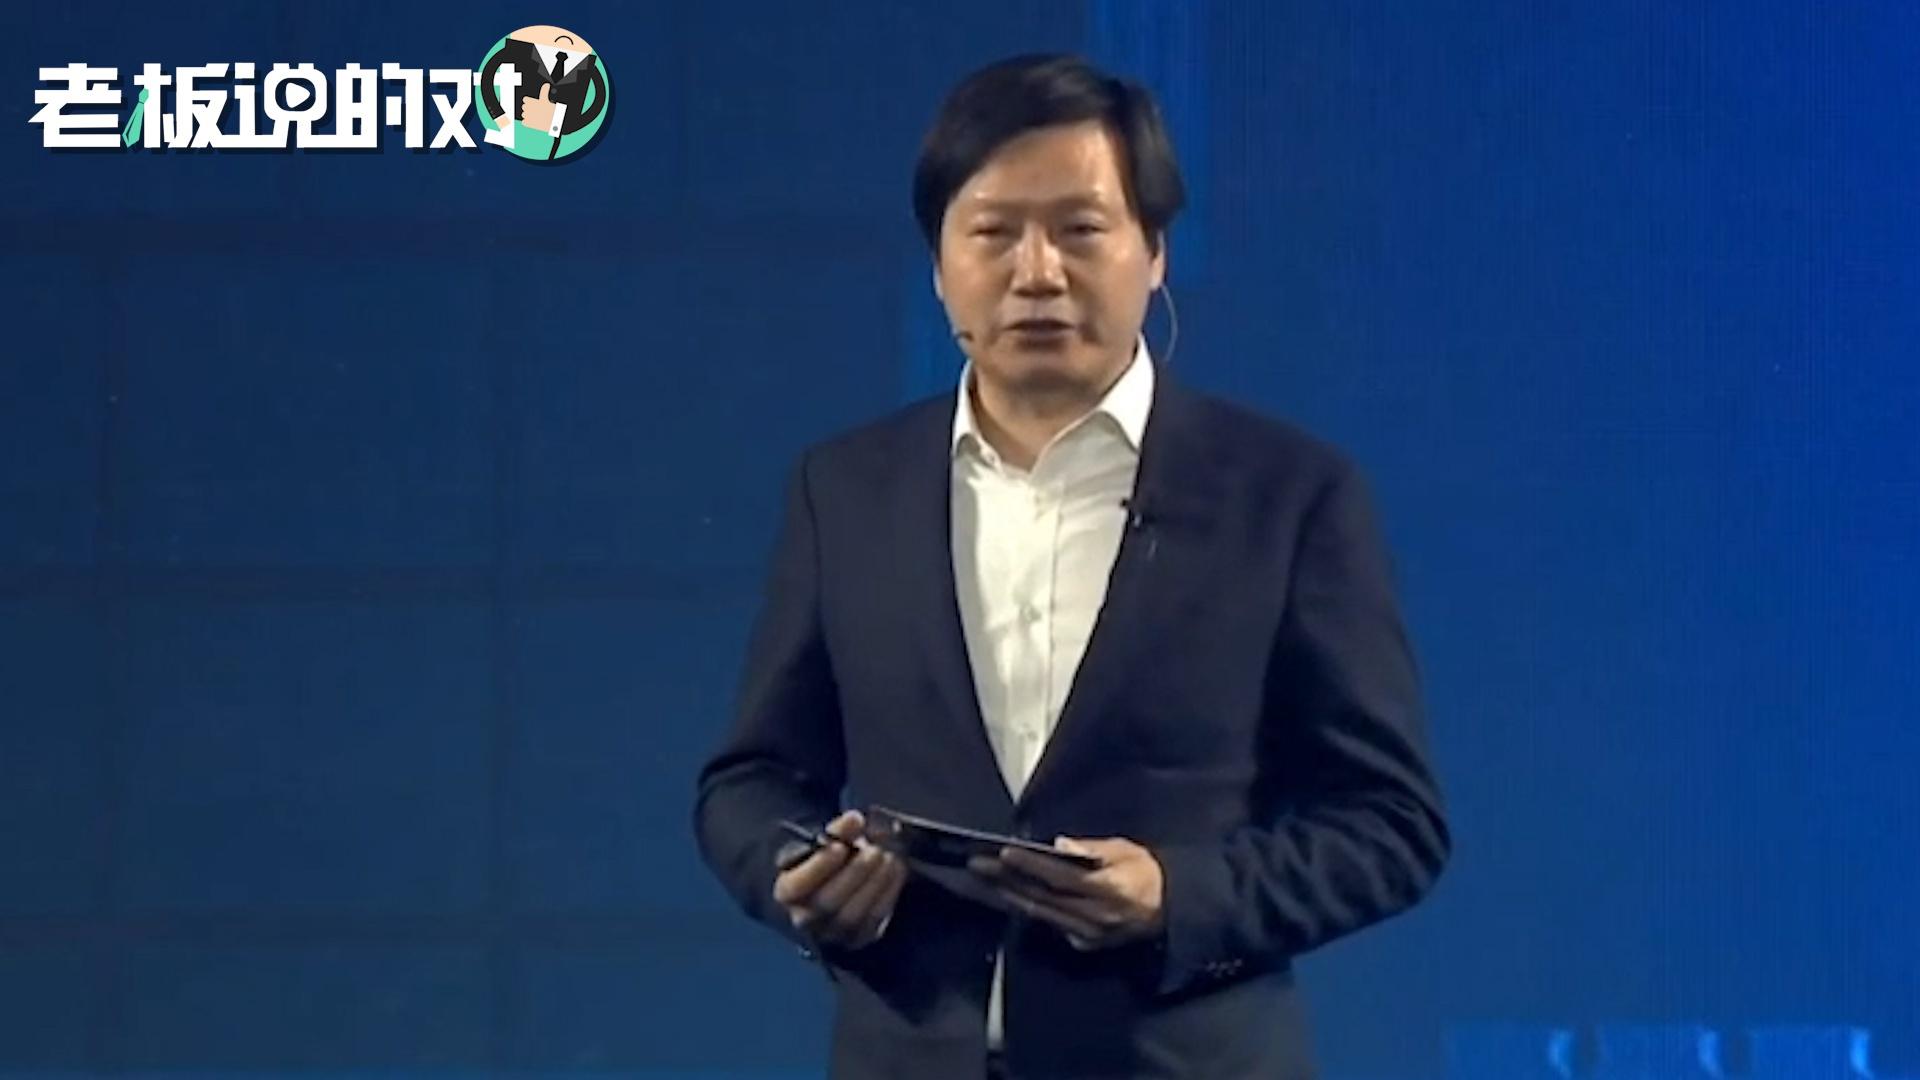 比华为晚5个月!雷军:小米第一款5G双模Redmi K30将于12月发布